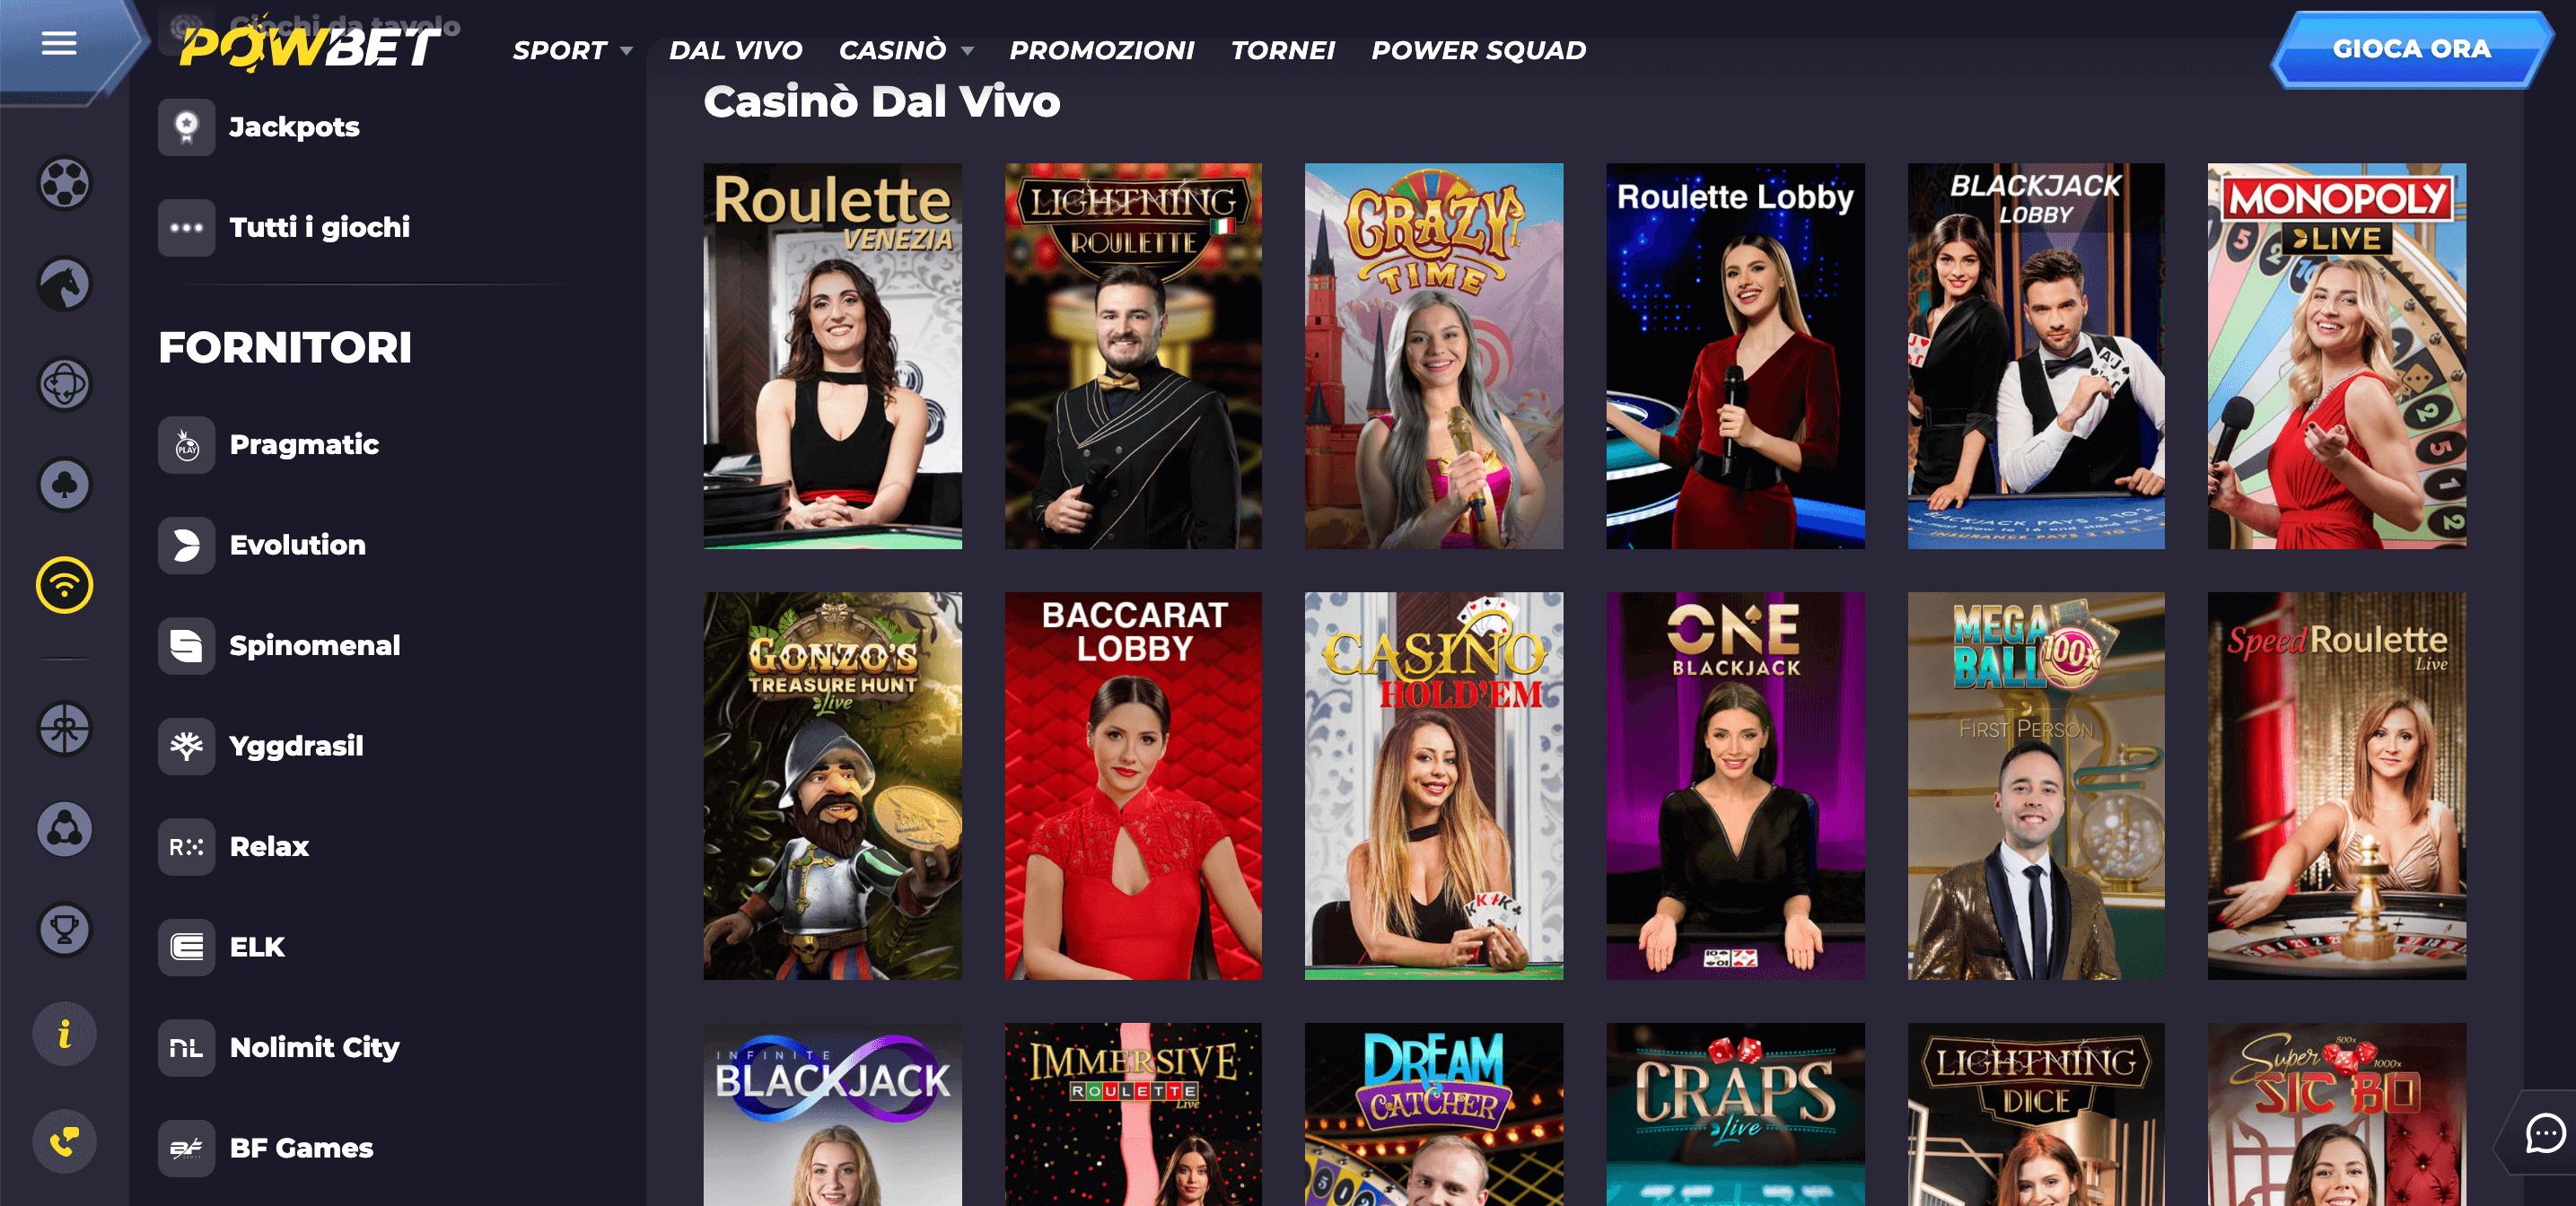 Powbet Casino Slo Live